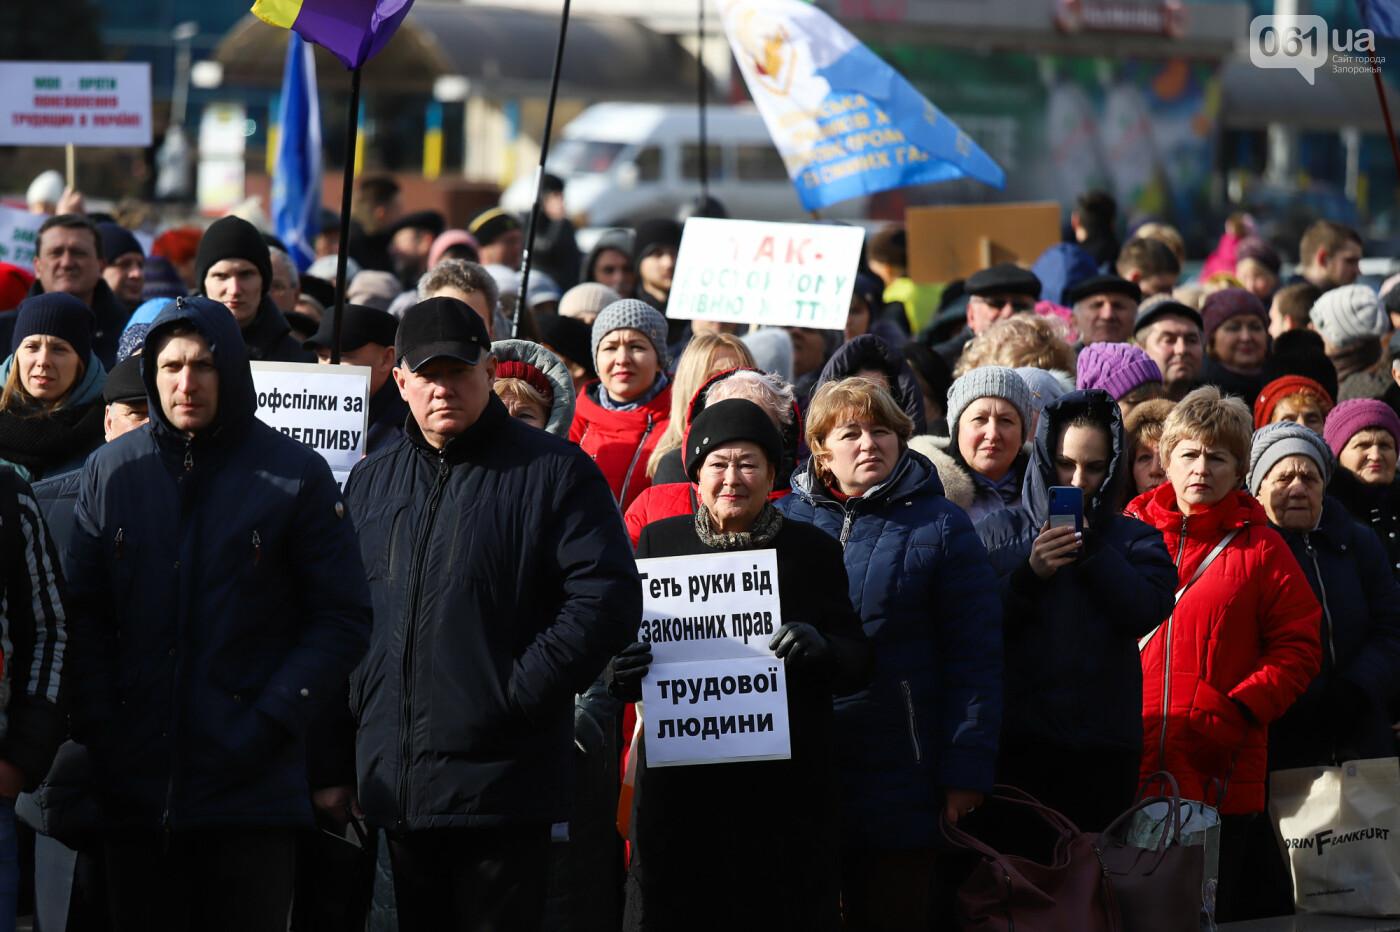 В Запорожье на протестную акцию профсоюзов «Волна гнева» вышло около 2000 человек, - ФОТОРЕПОРТАЖ, фото-28